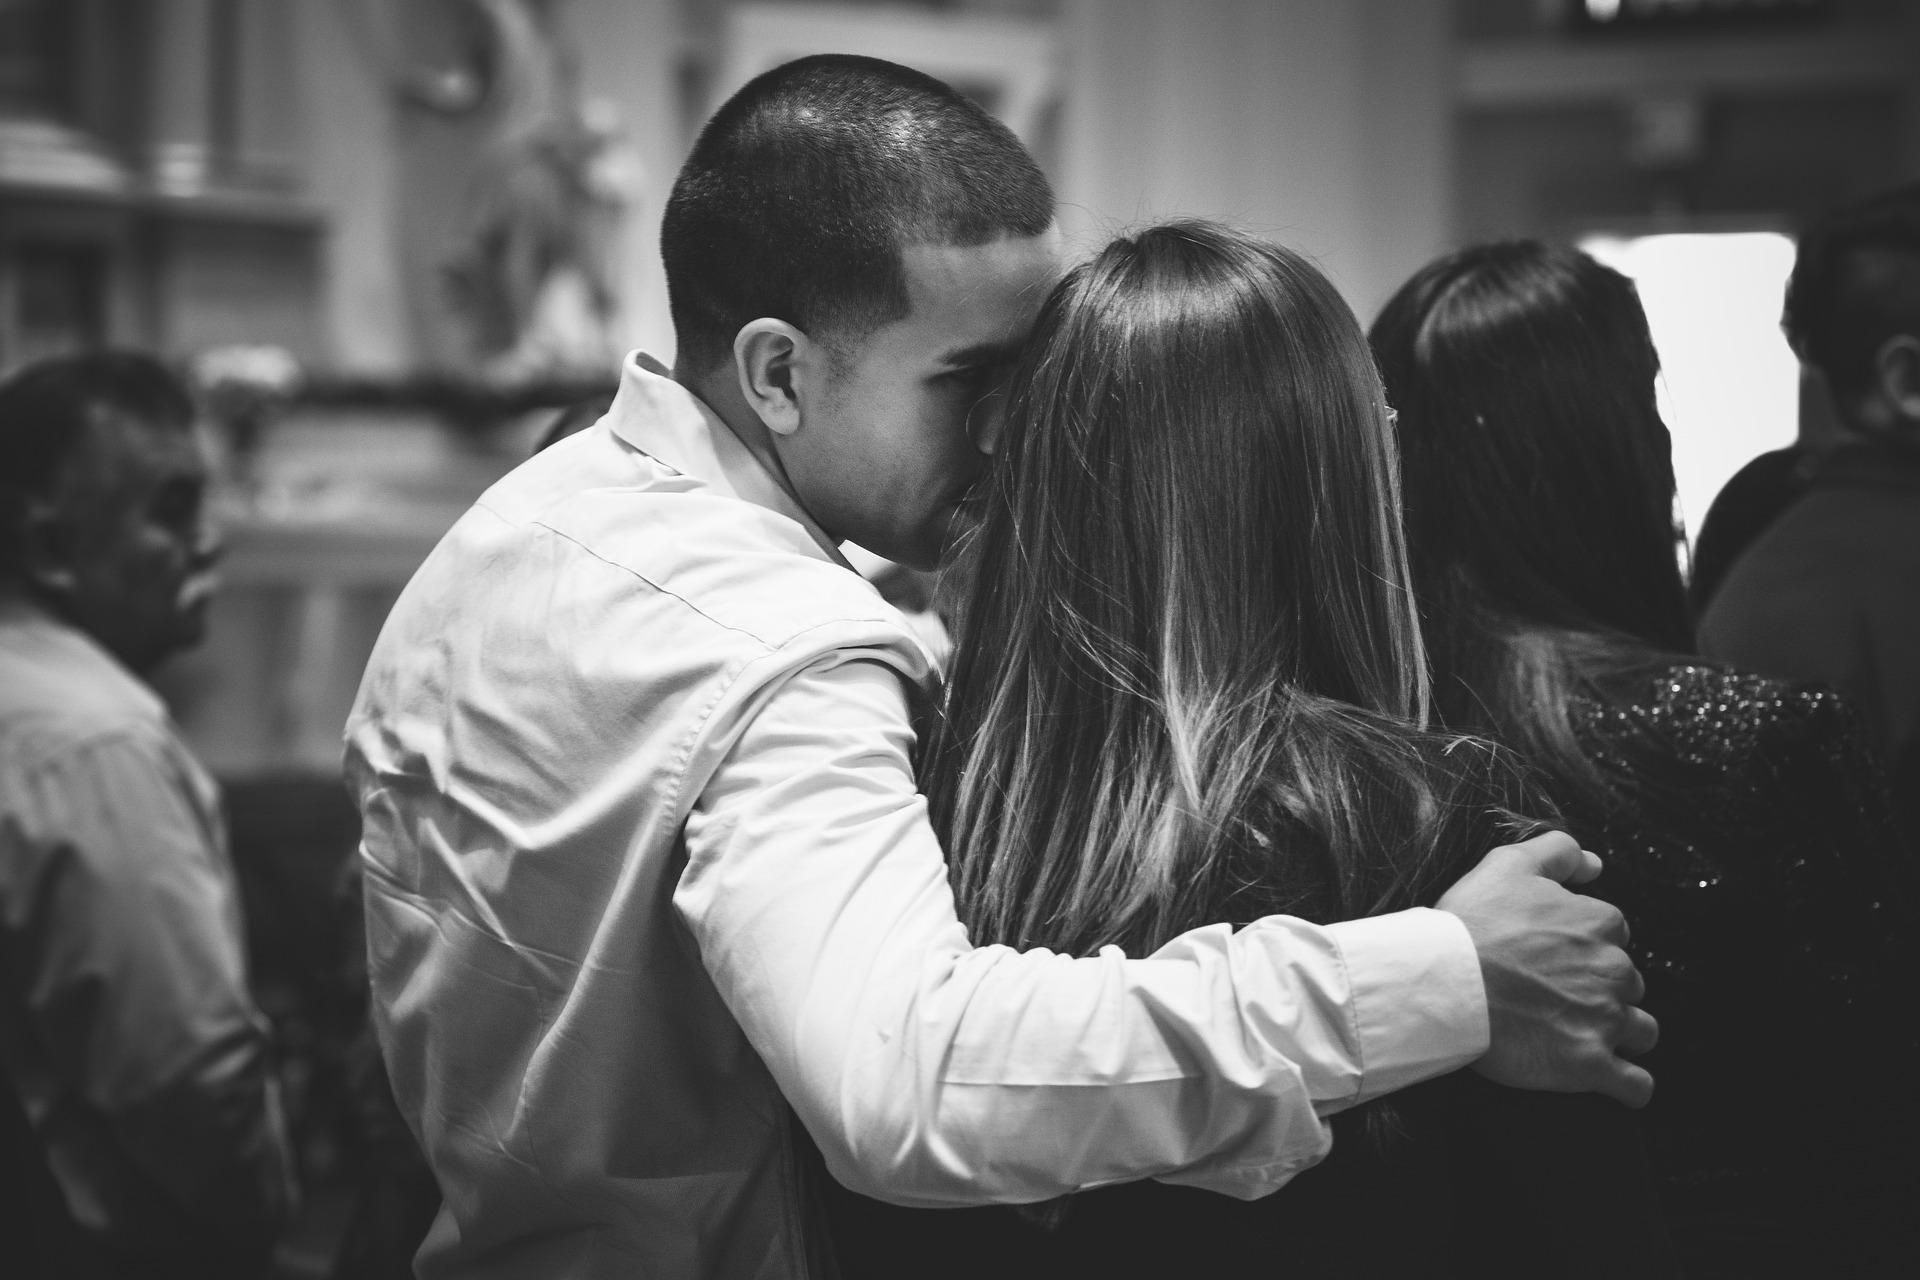 浮気したい既婚女性が注目している出会い方!刺激的な関係を求める男性とどうやって結ばれるの?